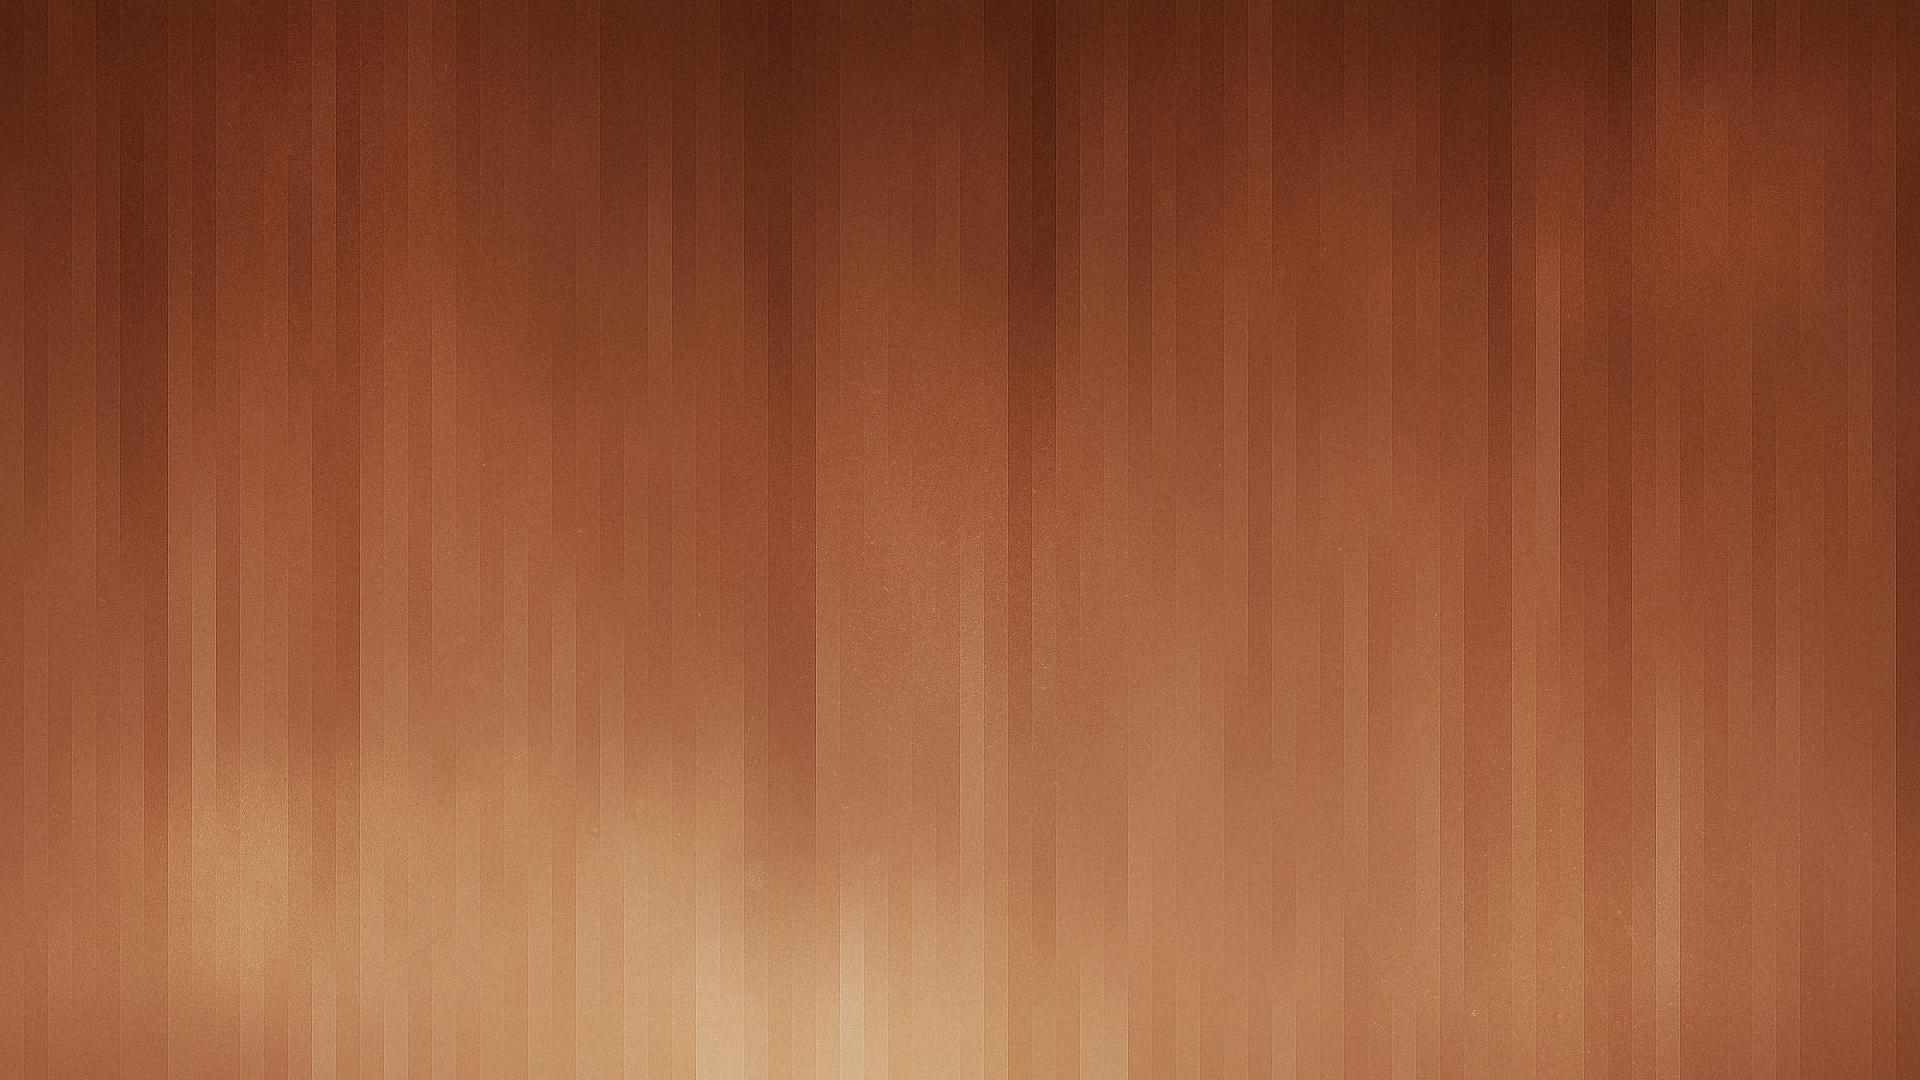 Woody 1080p